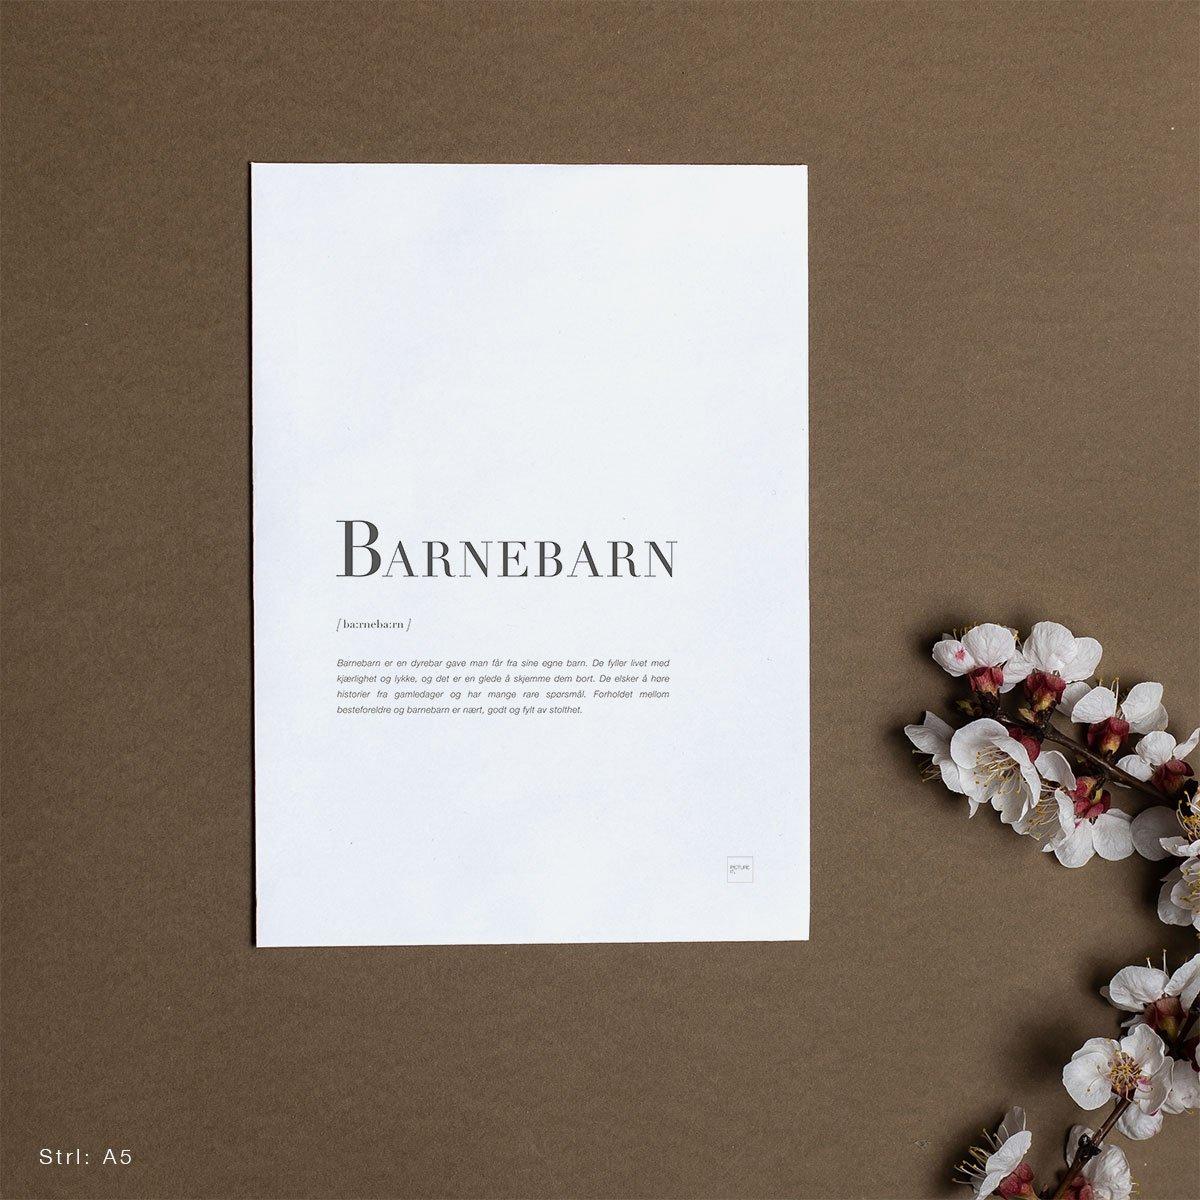 BARNEBARN-A5